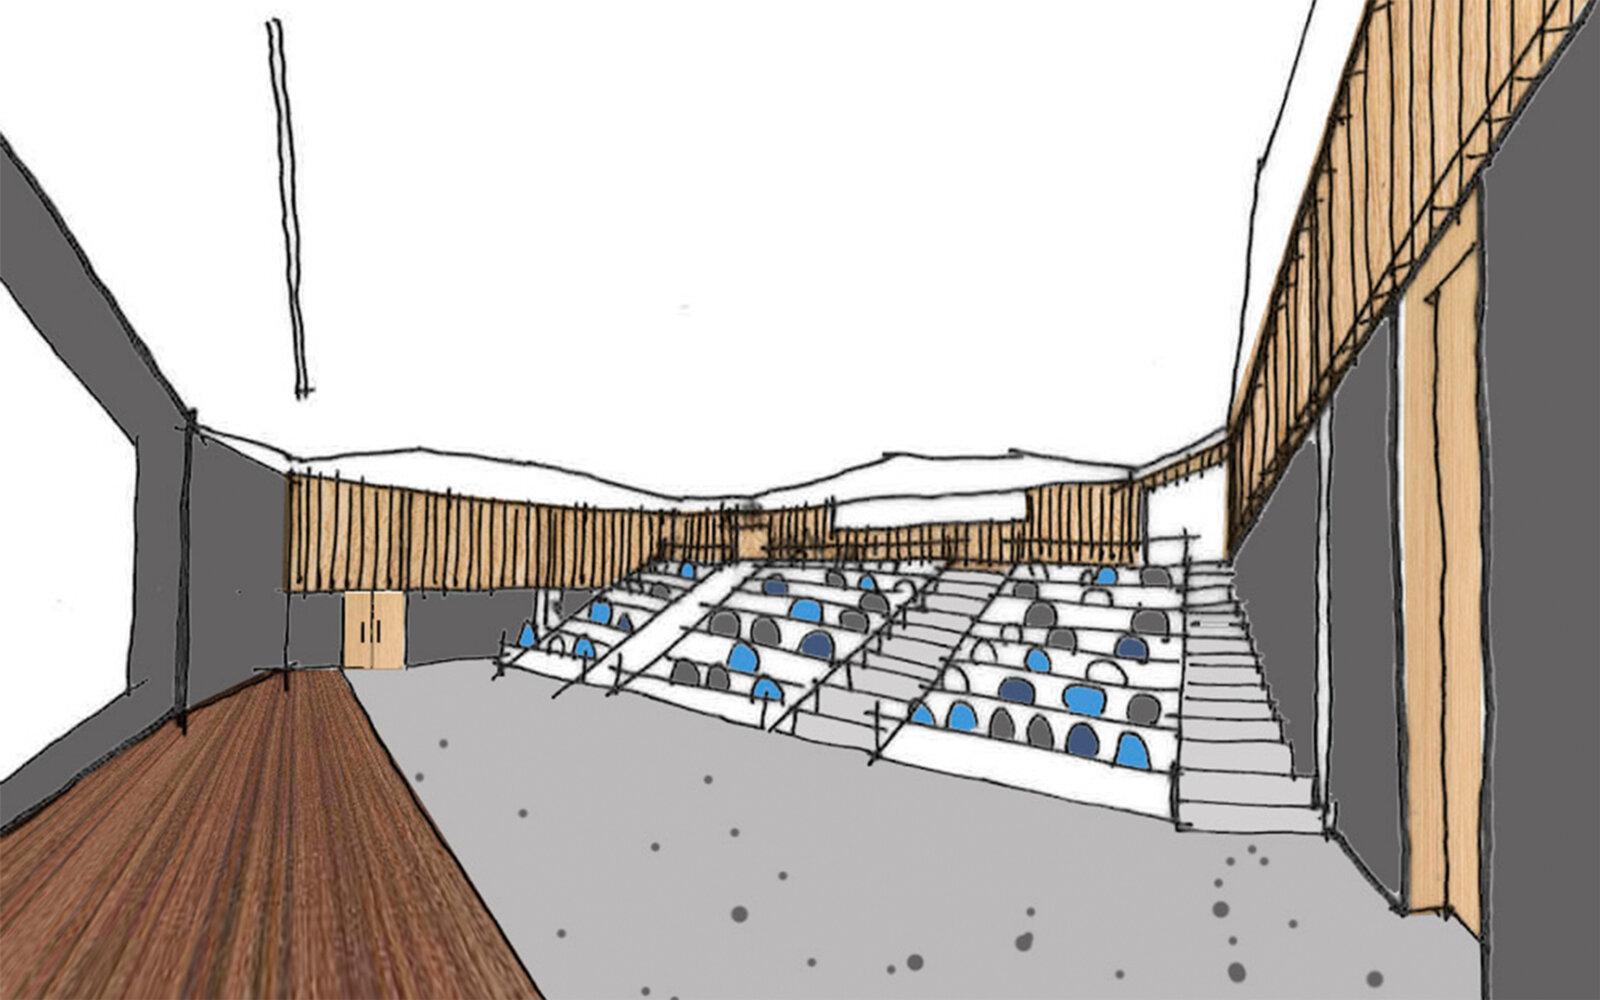 Heriot-Watt University James Watt Centre lecture theatre sketch